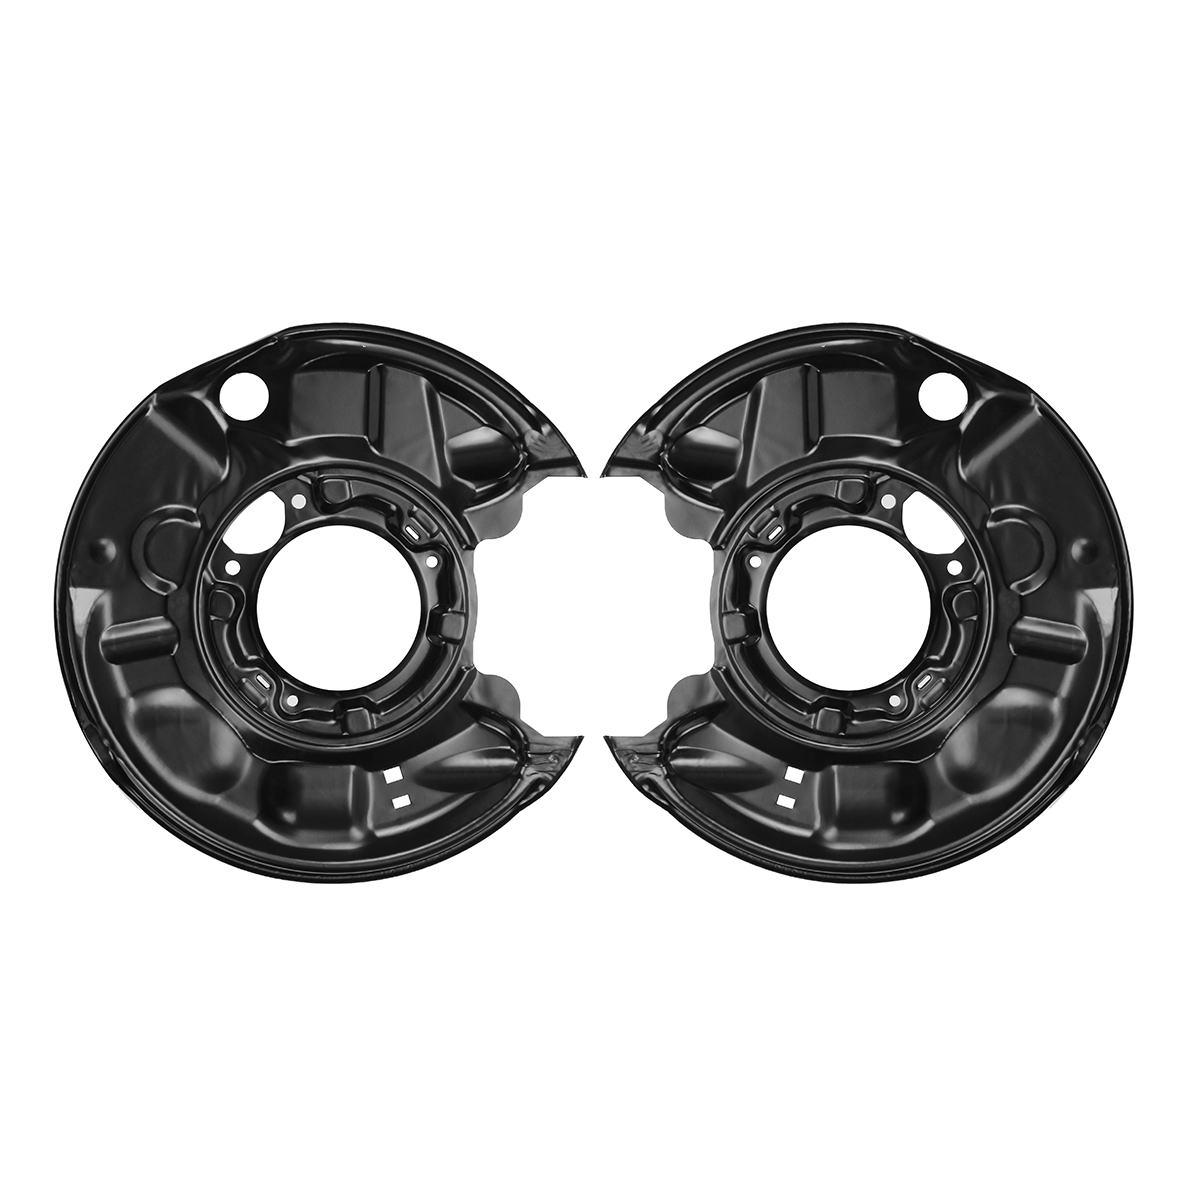 2 pièces Nouveau Arrière disque de frein Bouclier Pour Mercedes C-Classe W203 CLK 209 SLK 171 etrier de frein et Frein Esclave